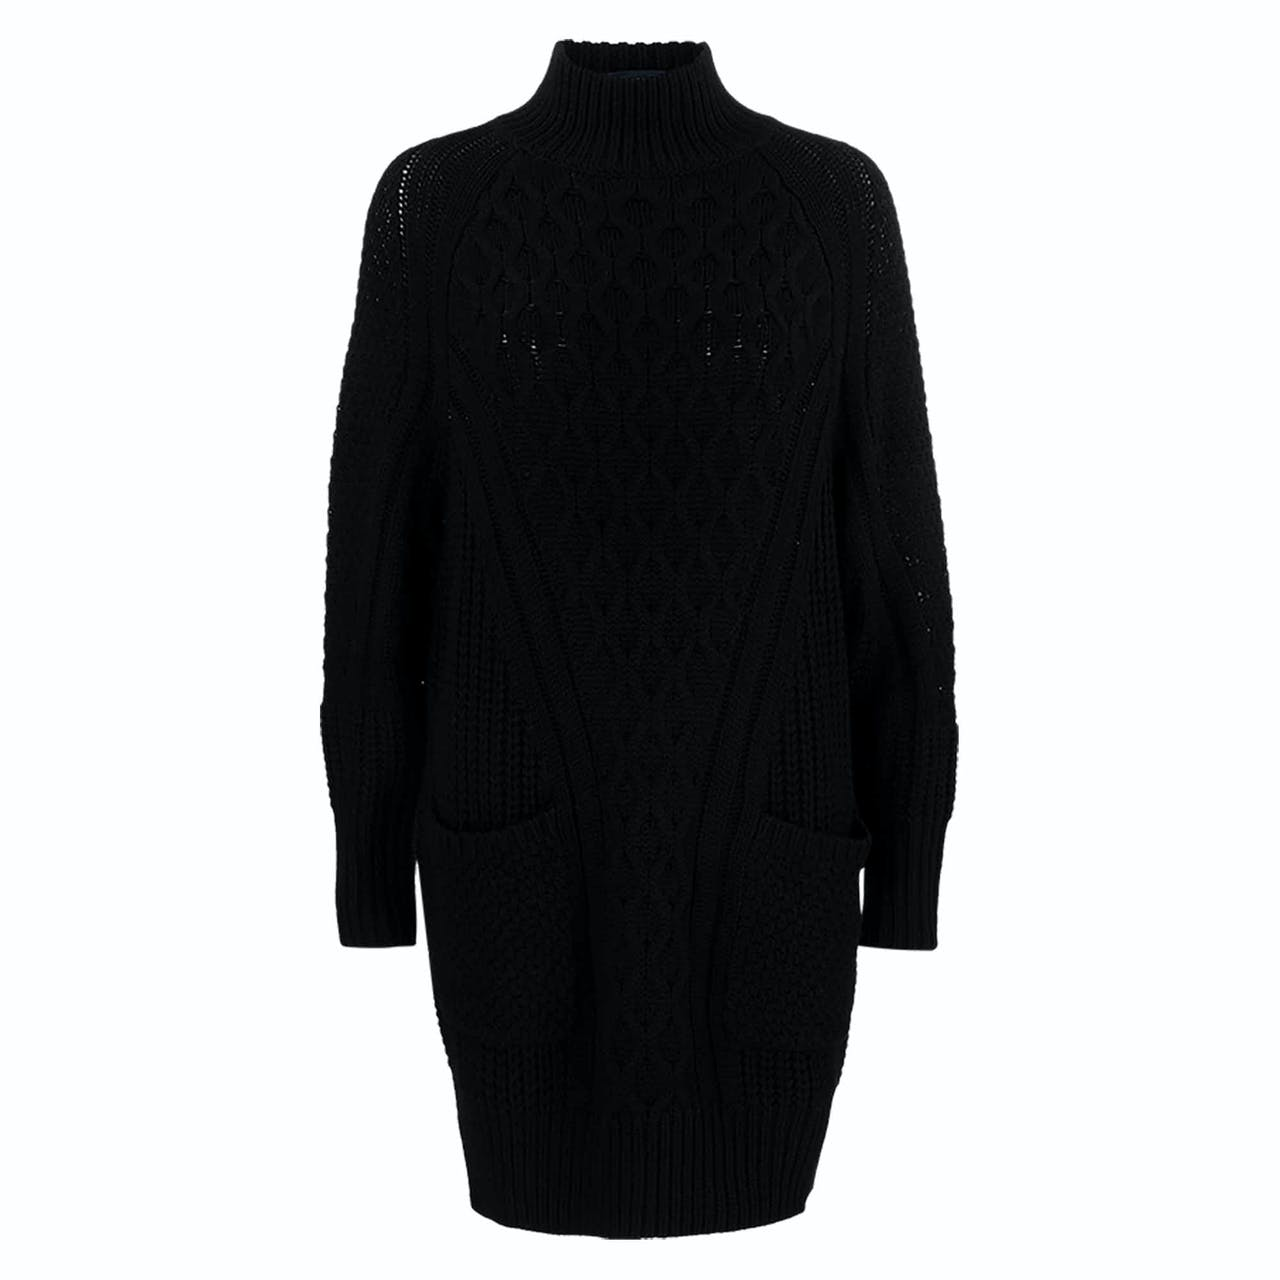 Pullover - Loose Fit - Kalama